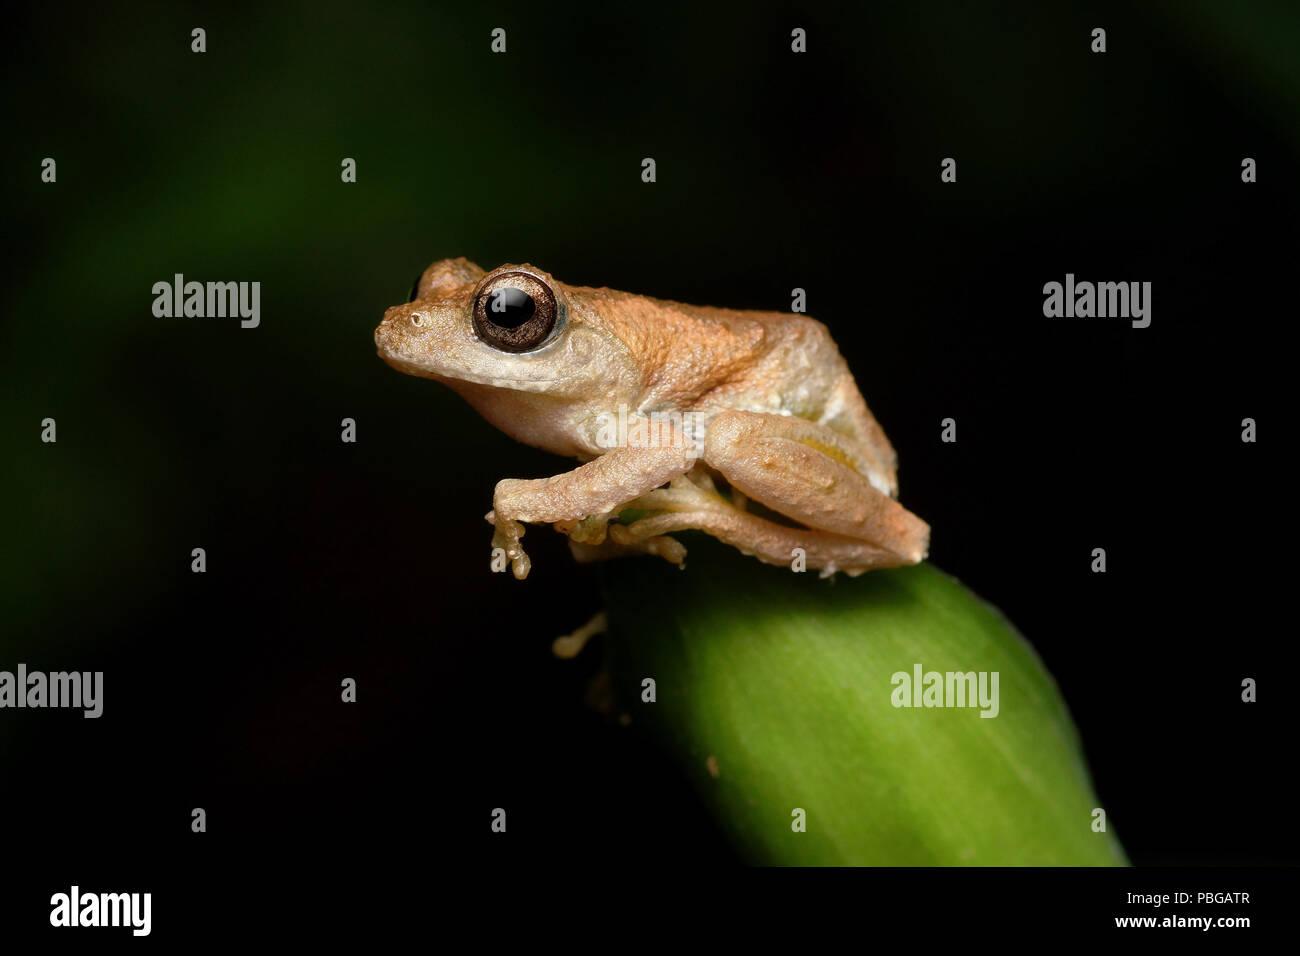 Temple Tree Frog Kurixalus idiootocus - Stock Image